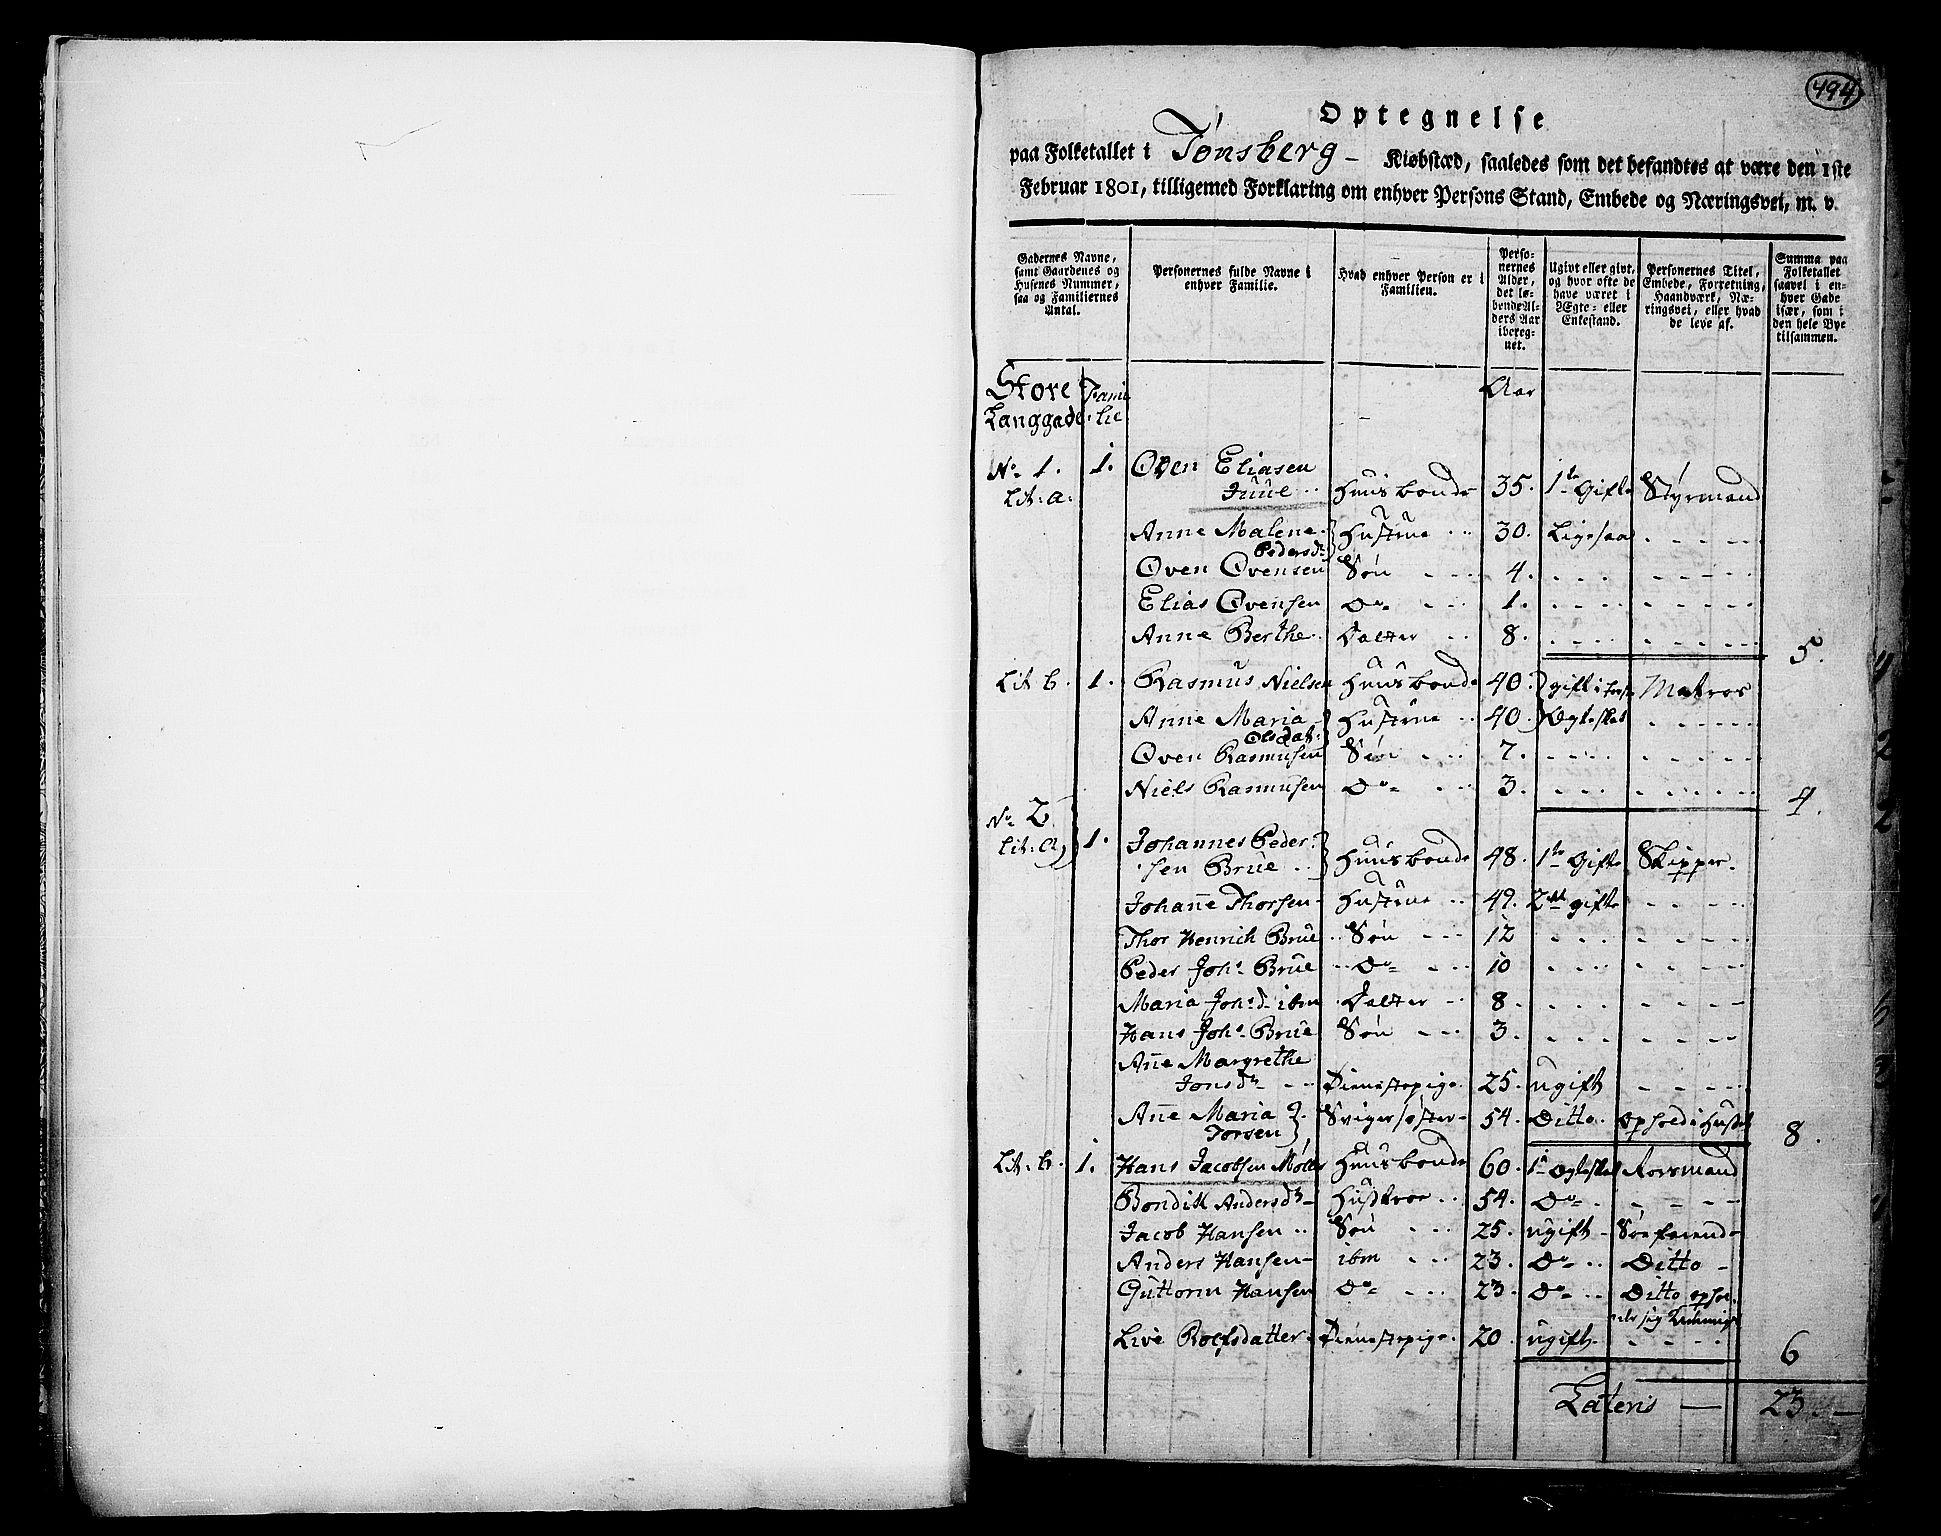 RA, Folketelling 1801 for 0705P Tønsberg prestegjeld, 1801, s. 494a